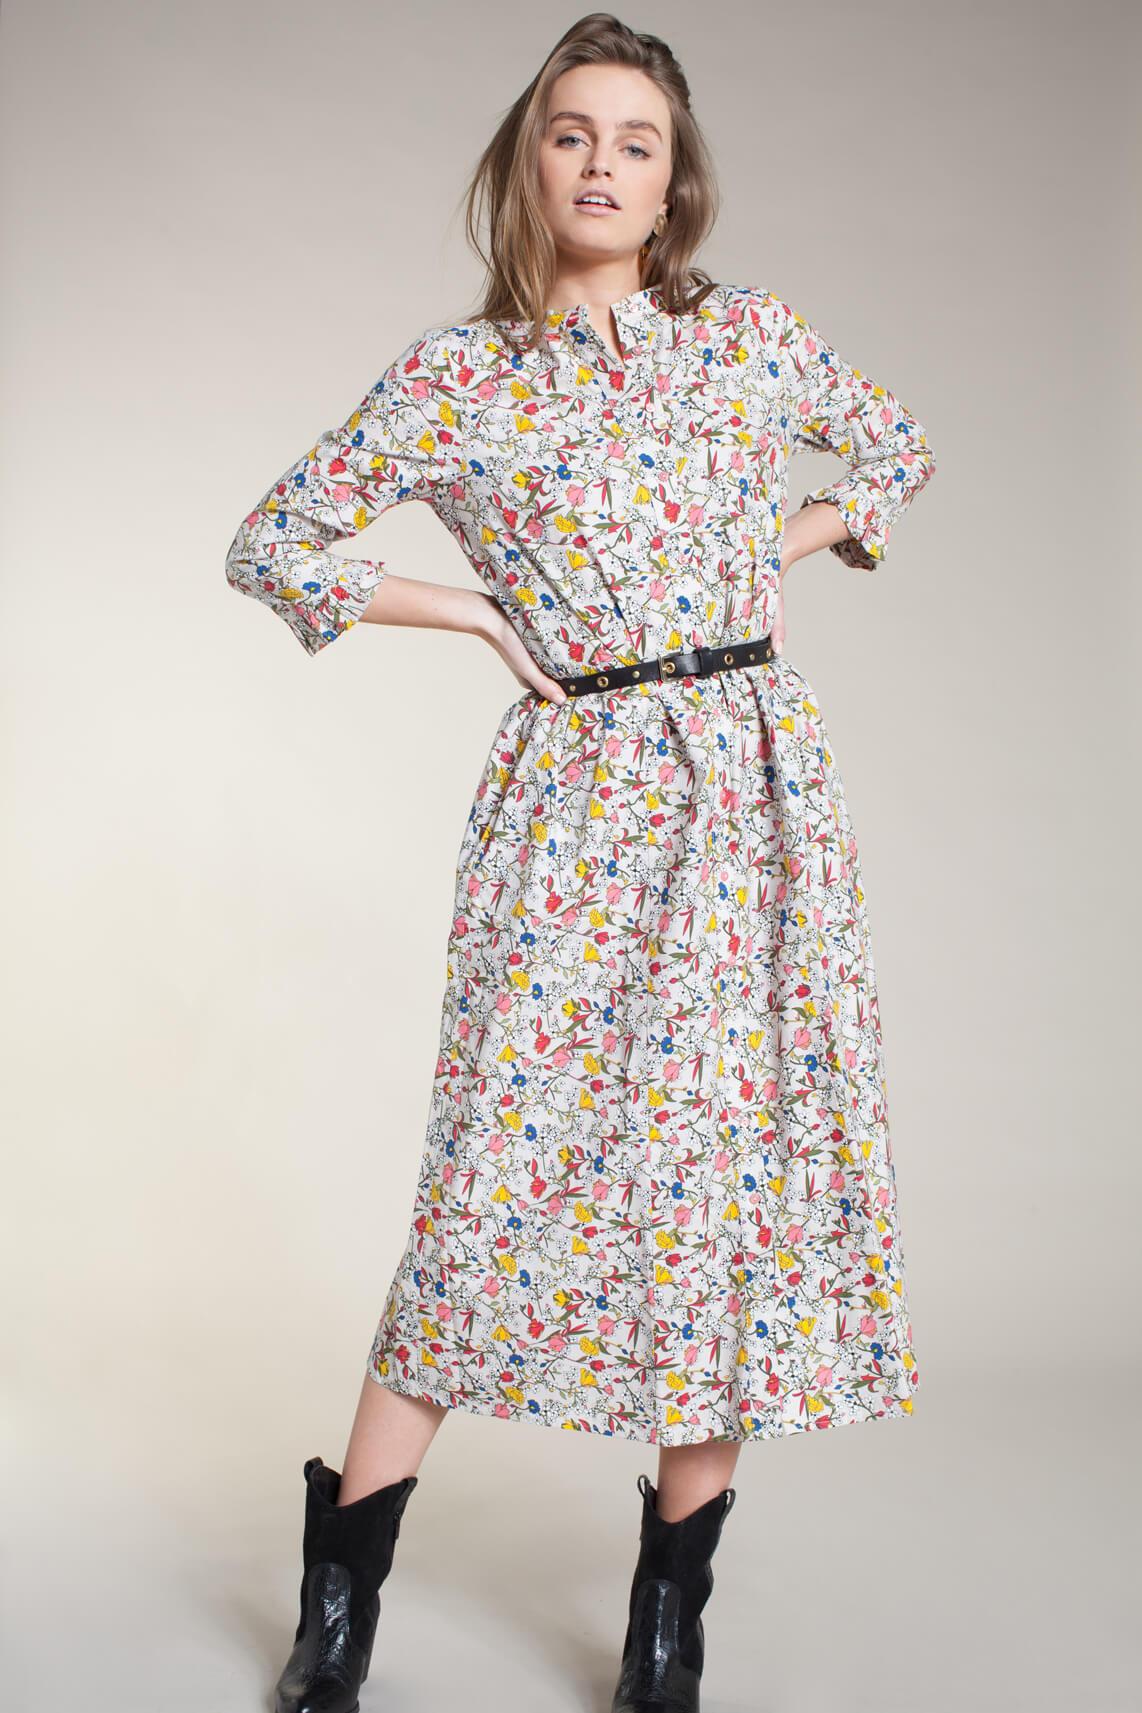 Lollys Laundry Dames Harper jurk met bloemen Ecru